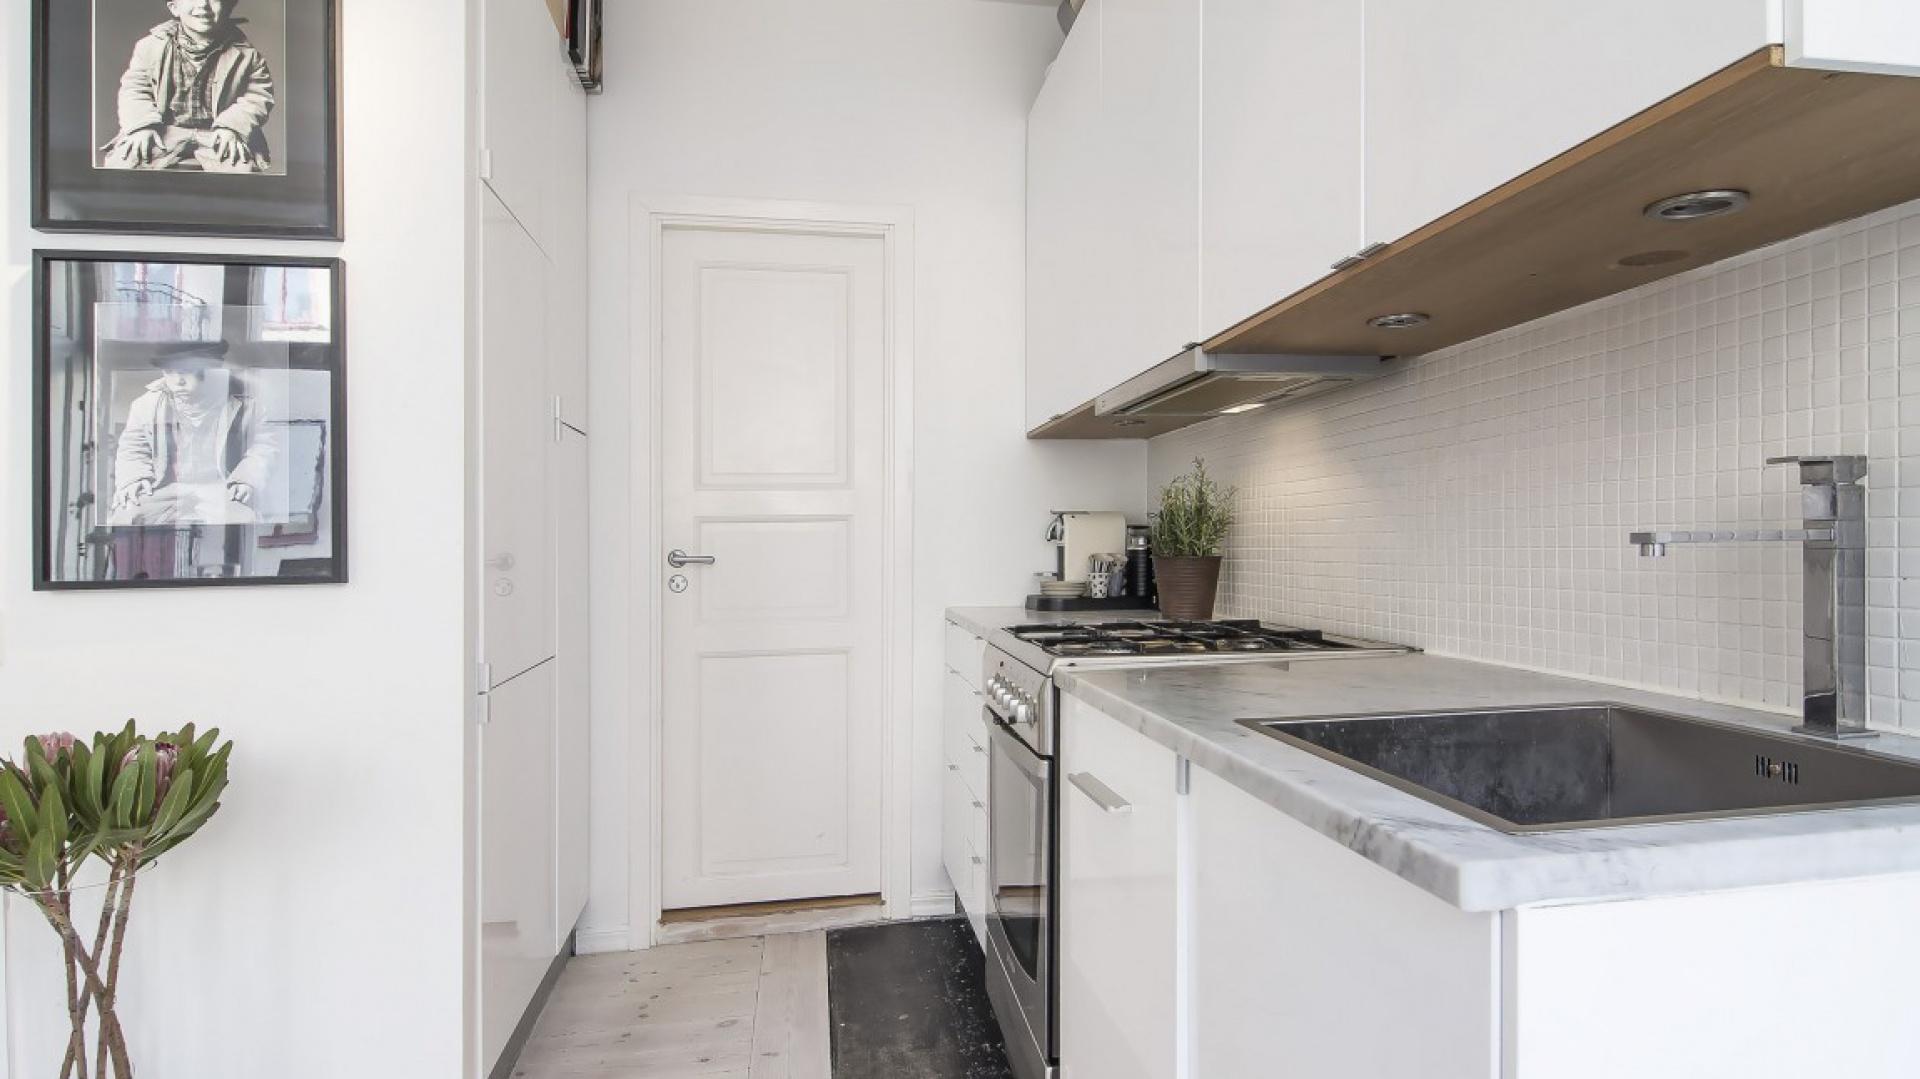 W niewielkim aneksie kuchennym sprawdziły się meble montowane na jednej ścianie. Fot. SvenskFast.se